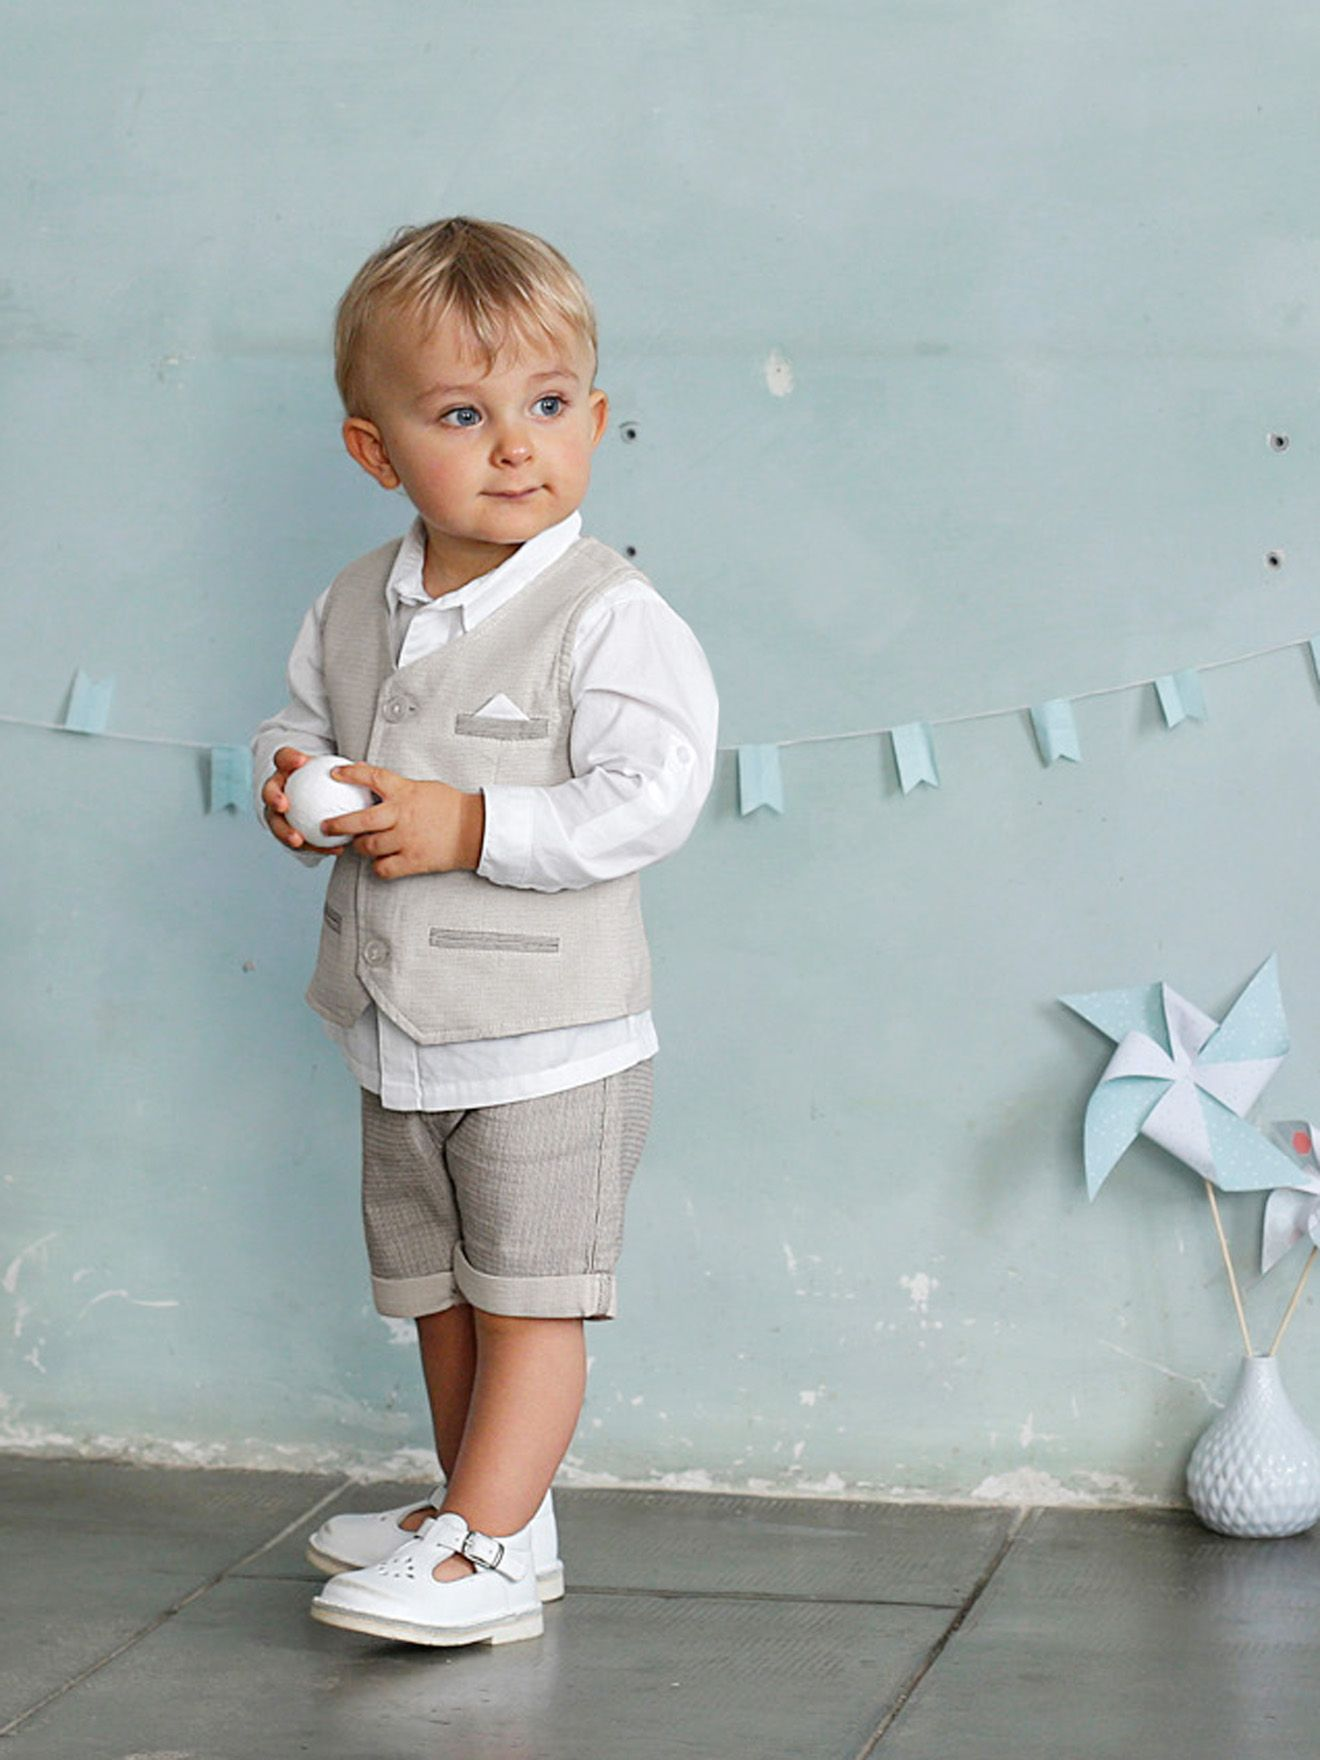 b079716844618 Ensemble bébé garçon chemise + gilet sans manche + bermuda gris p‰le -  Vertbaudet